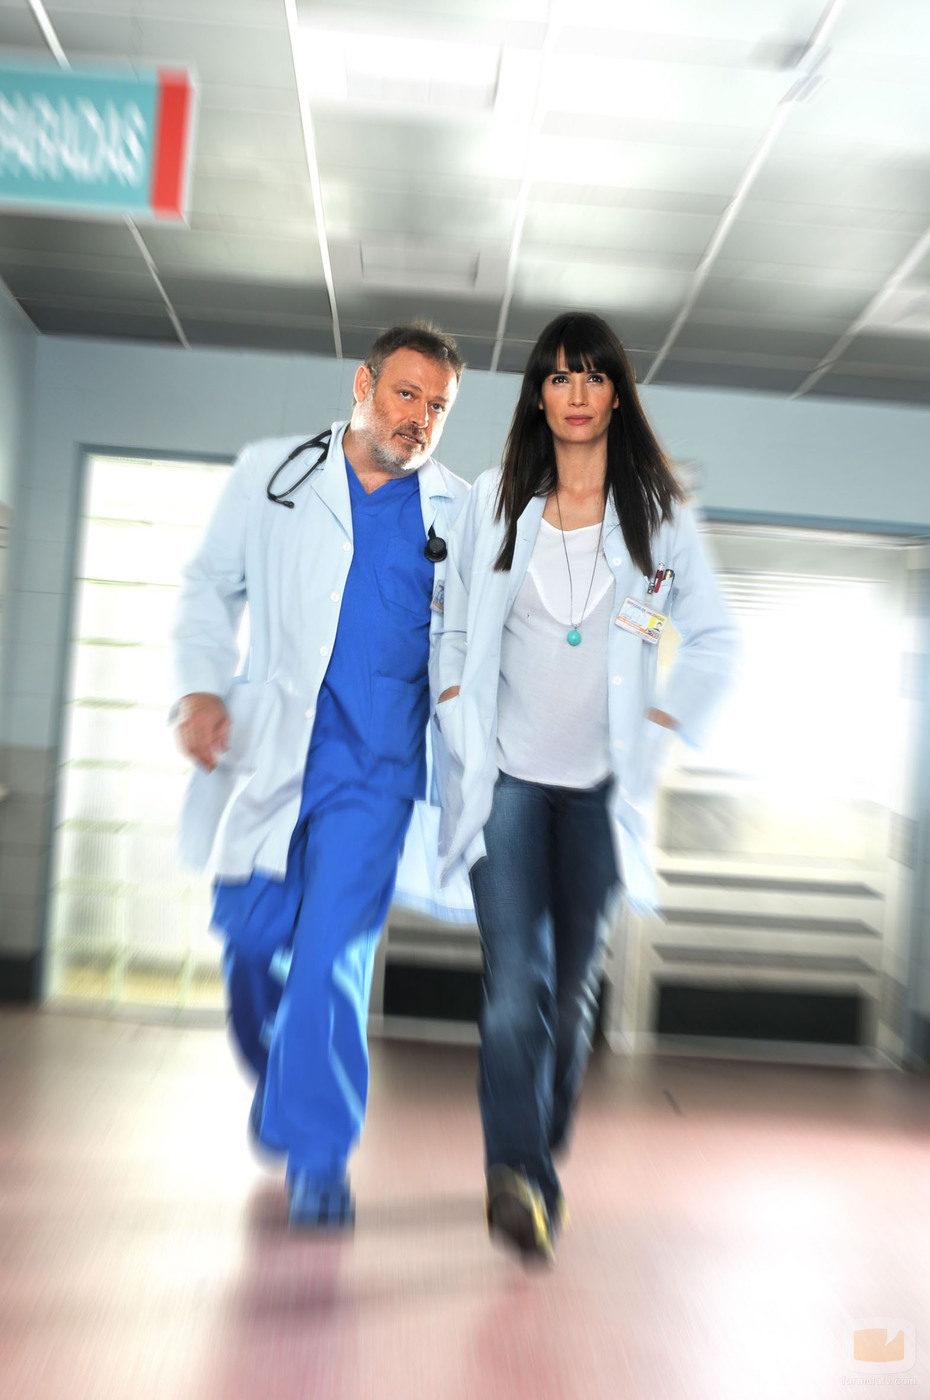 foro hospital central miarroba: